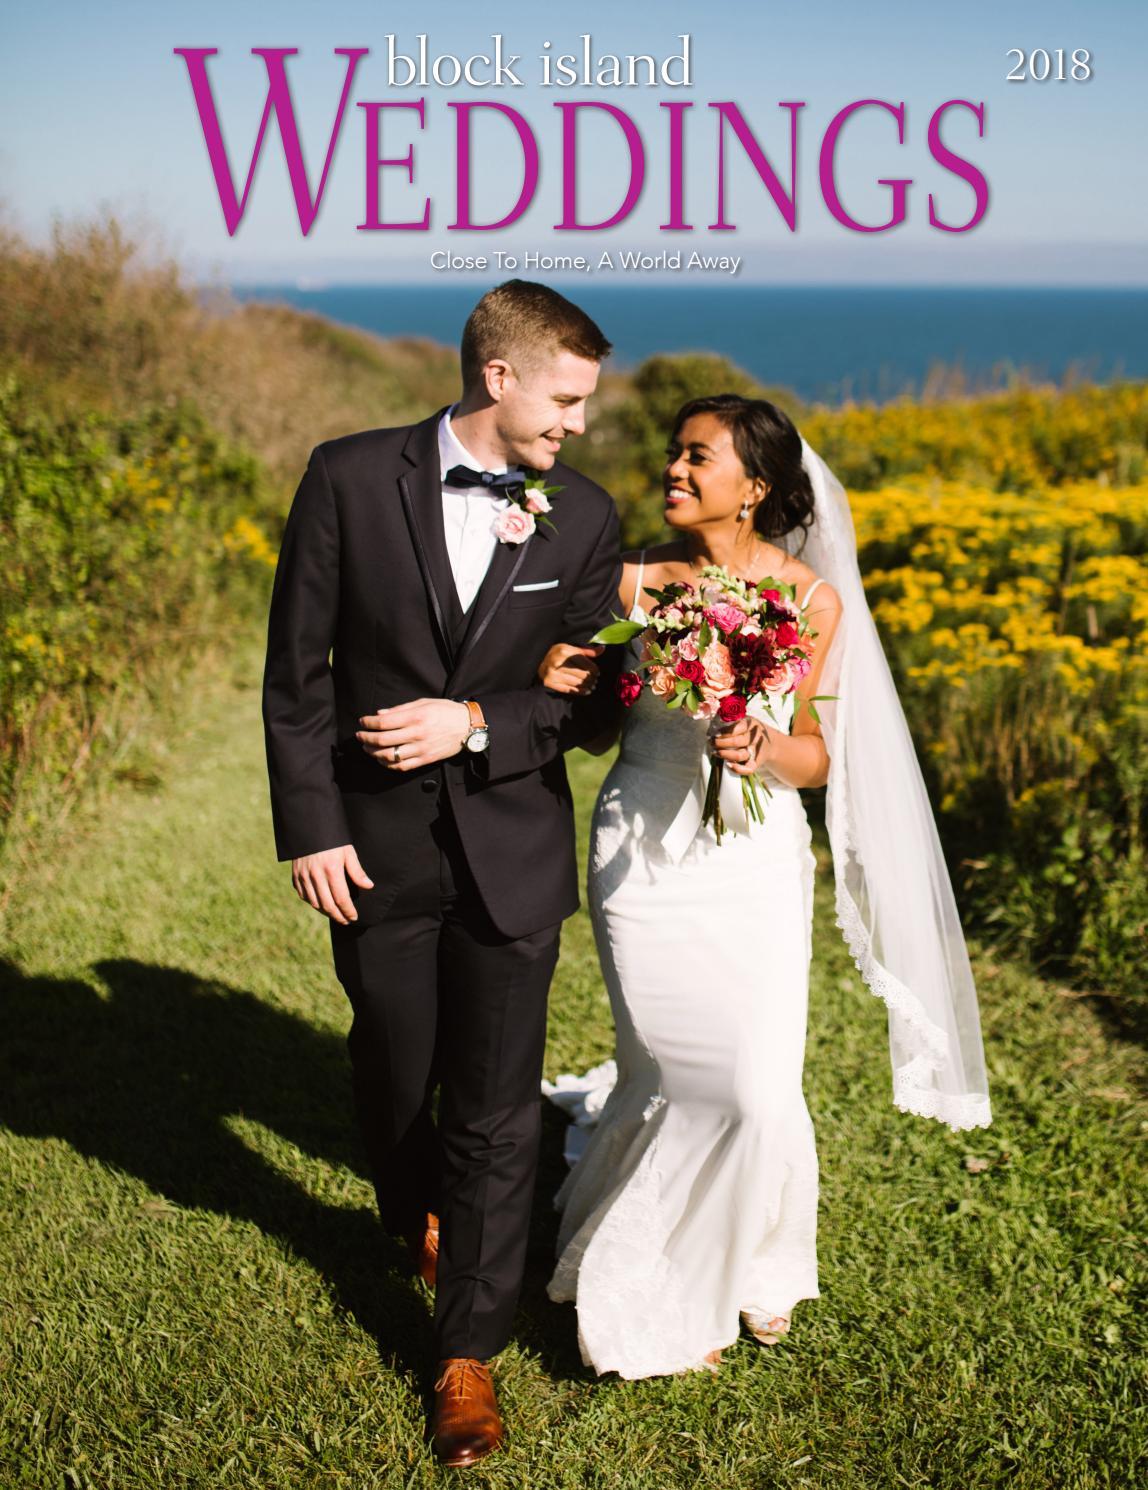 704c9557212 Block Island Weddings 2018 by blockisland - issuu